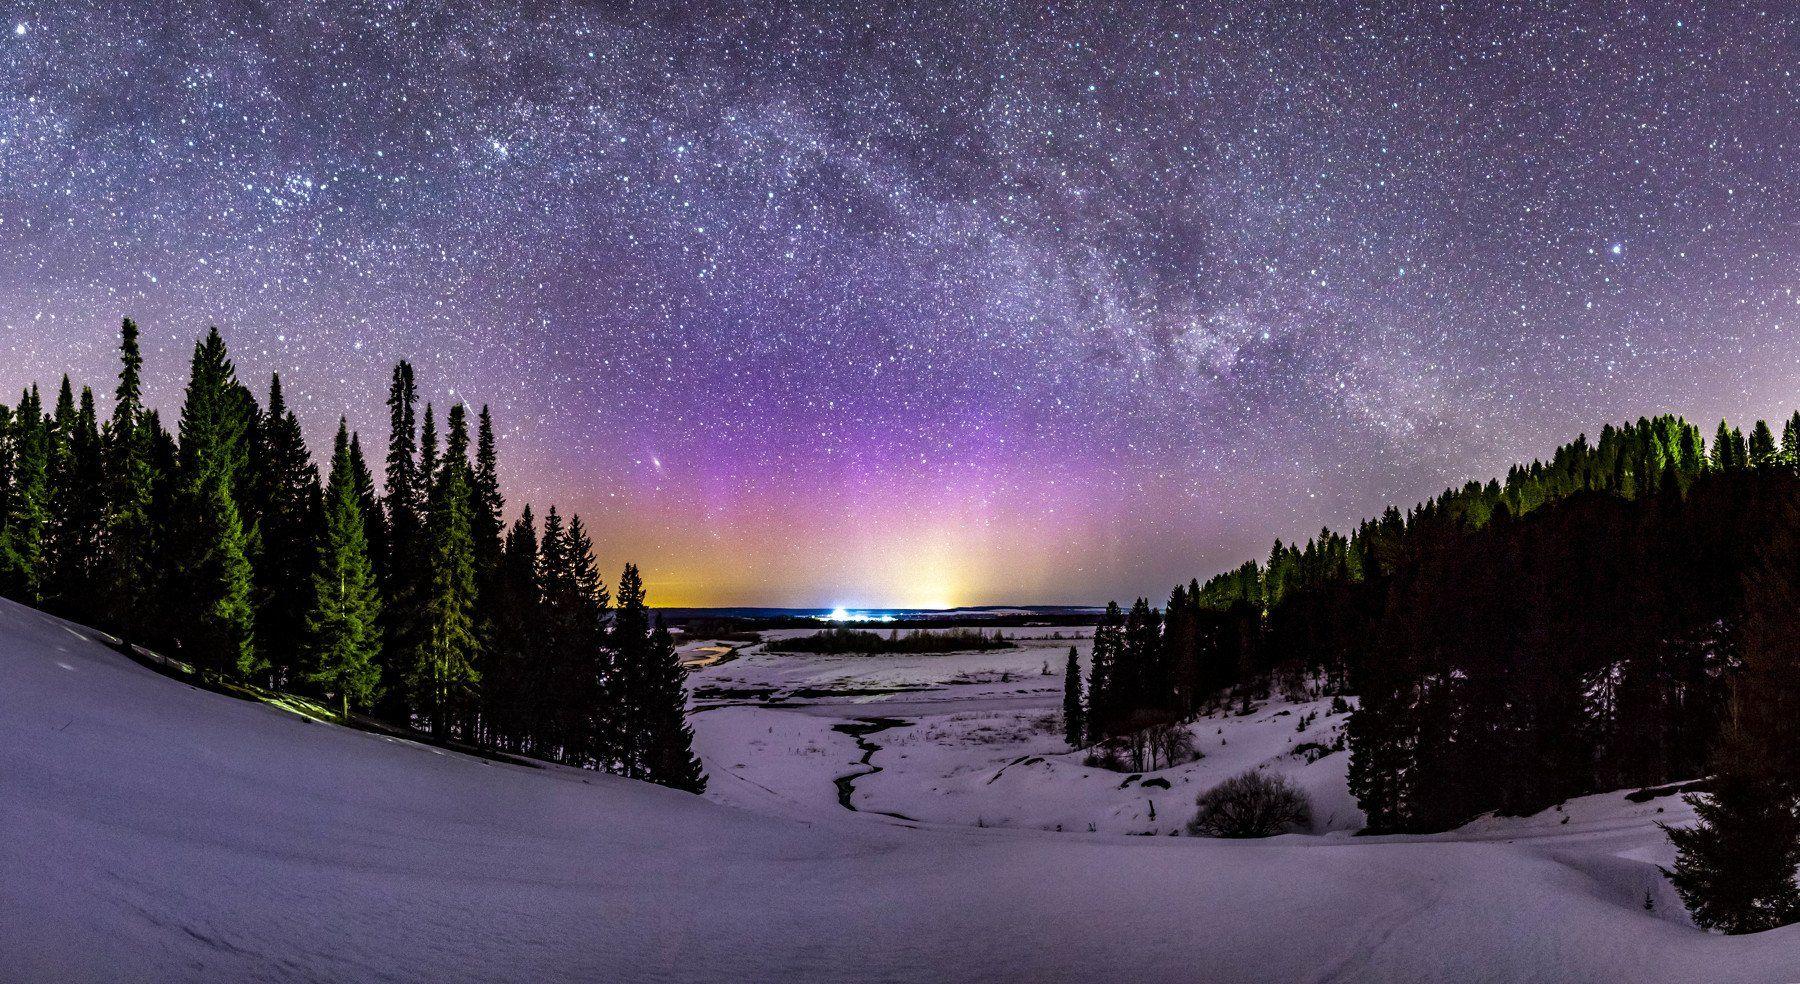 звезды, млечный путь, ночь, астрофото, река, северное сияние, Андрей Козлов